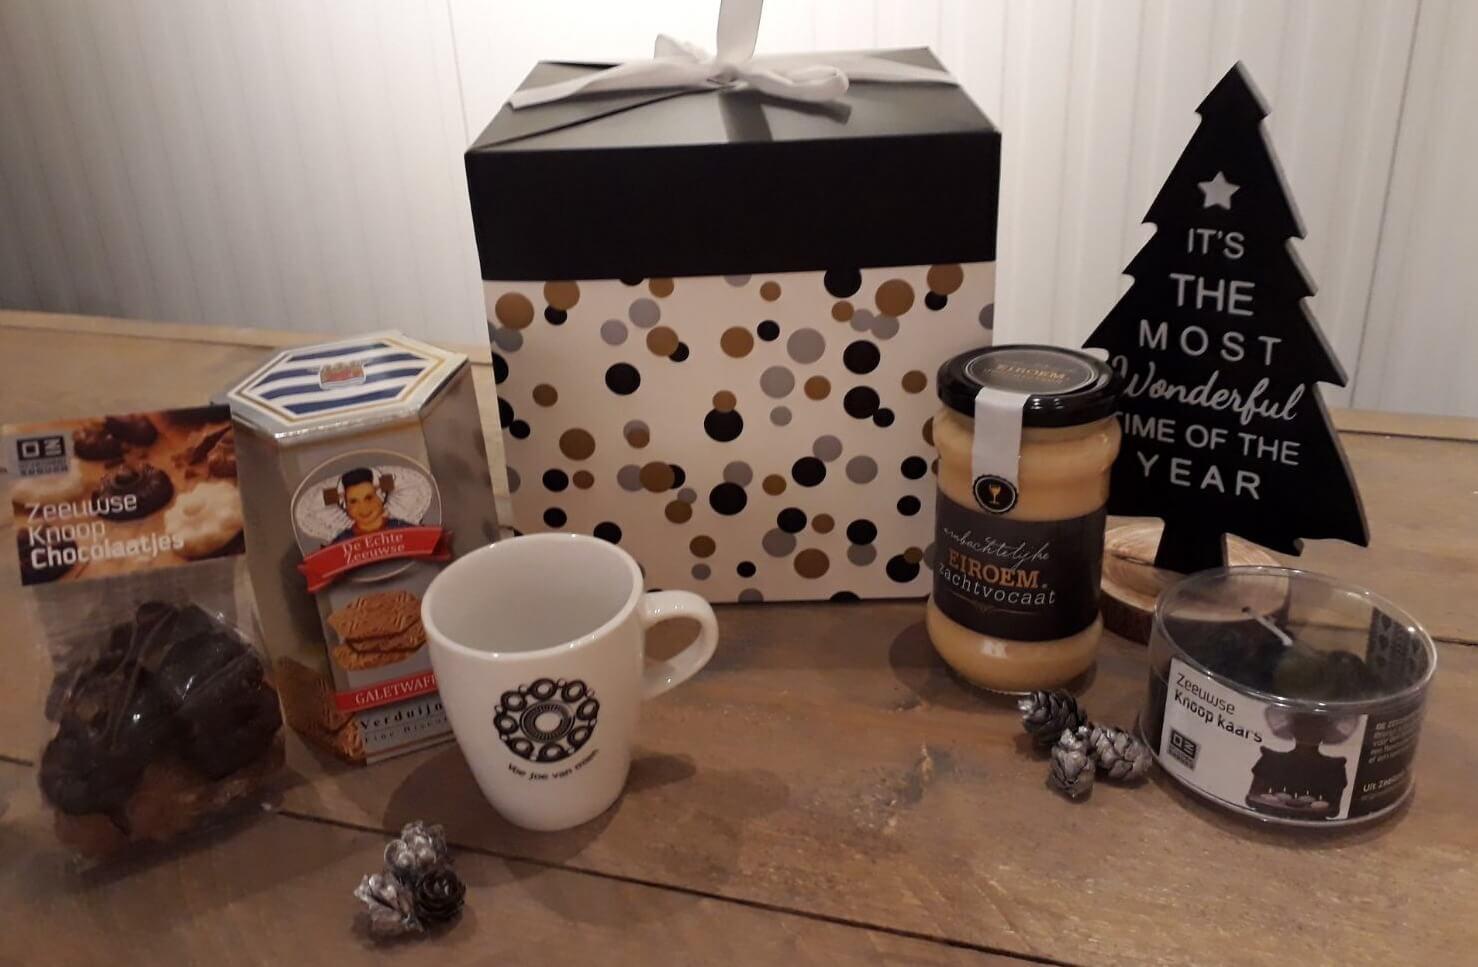 Fruitbedrijf_van_den_Berge_kerstpakketten2017_4